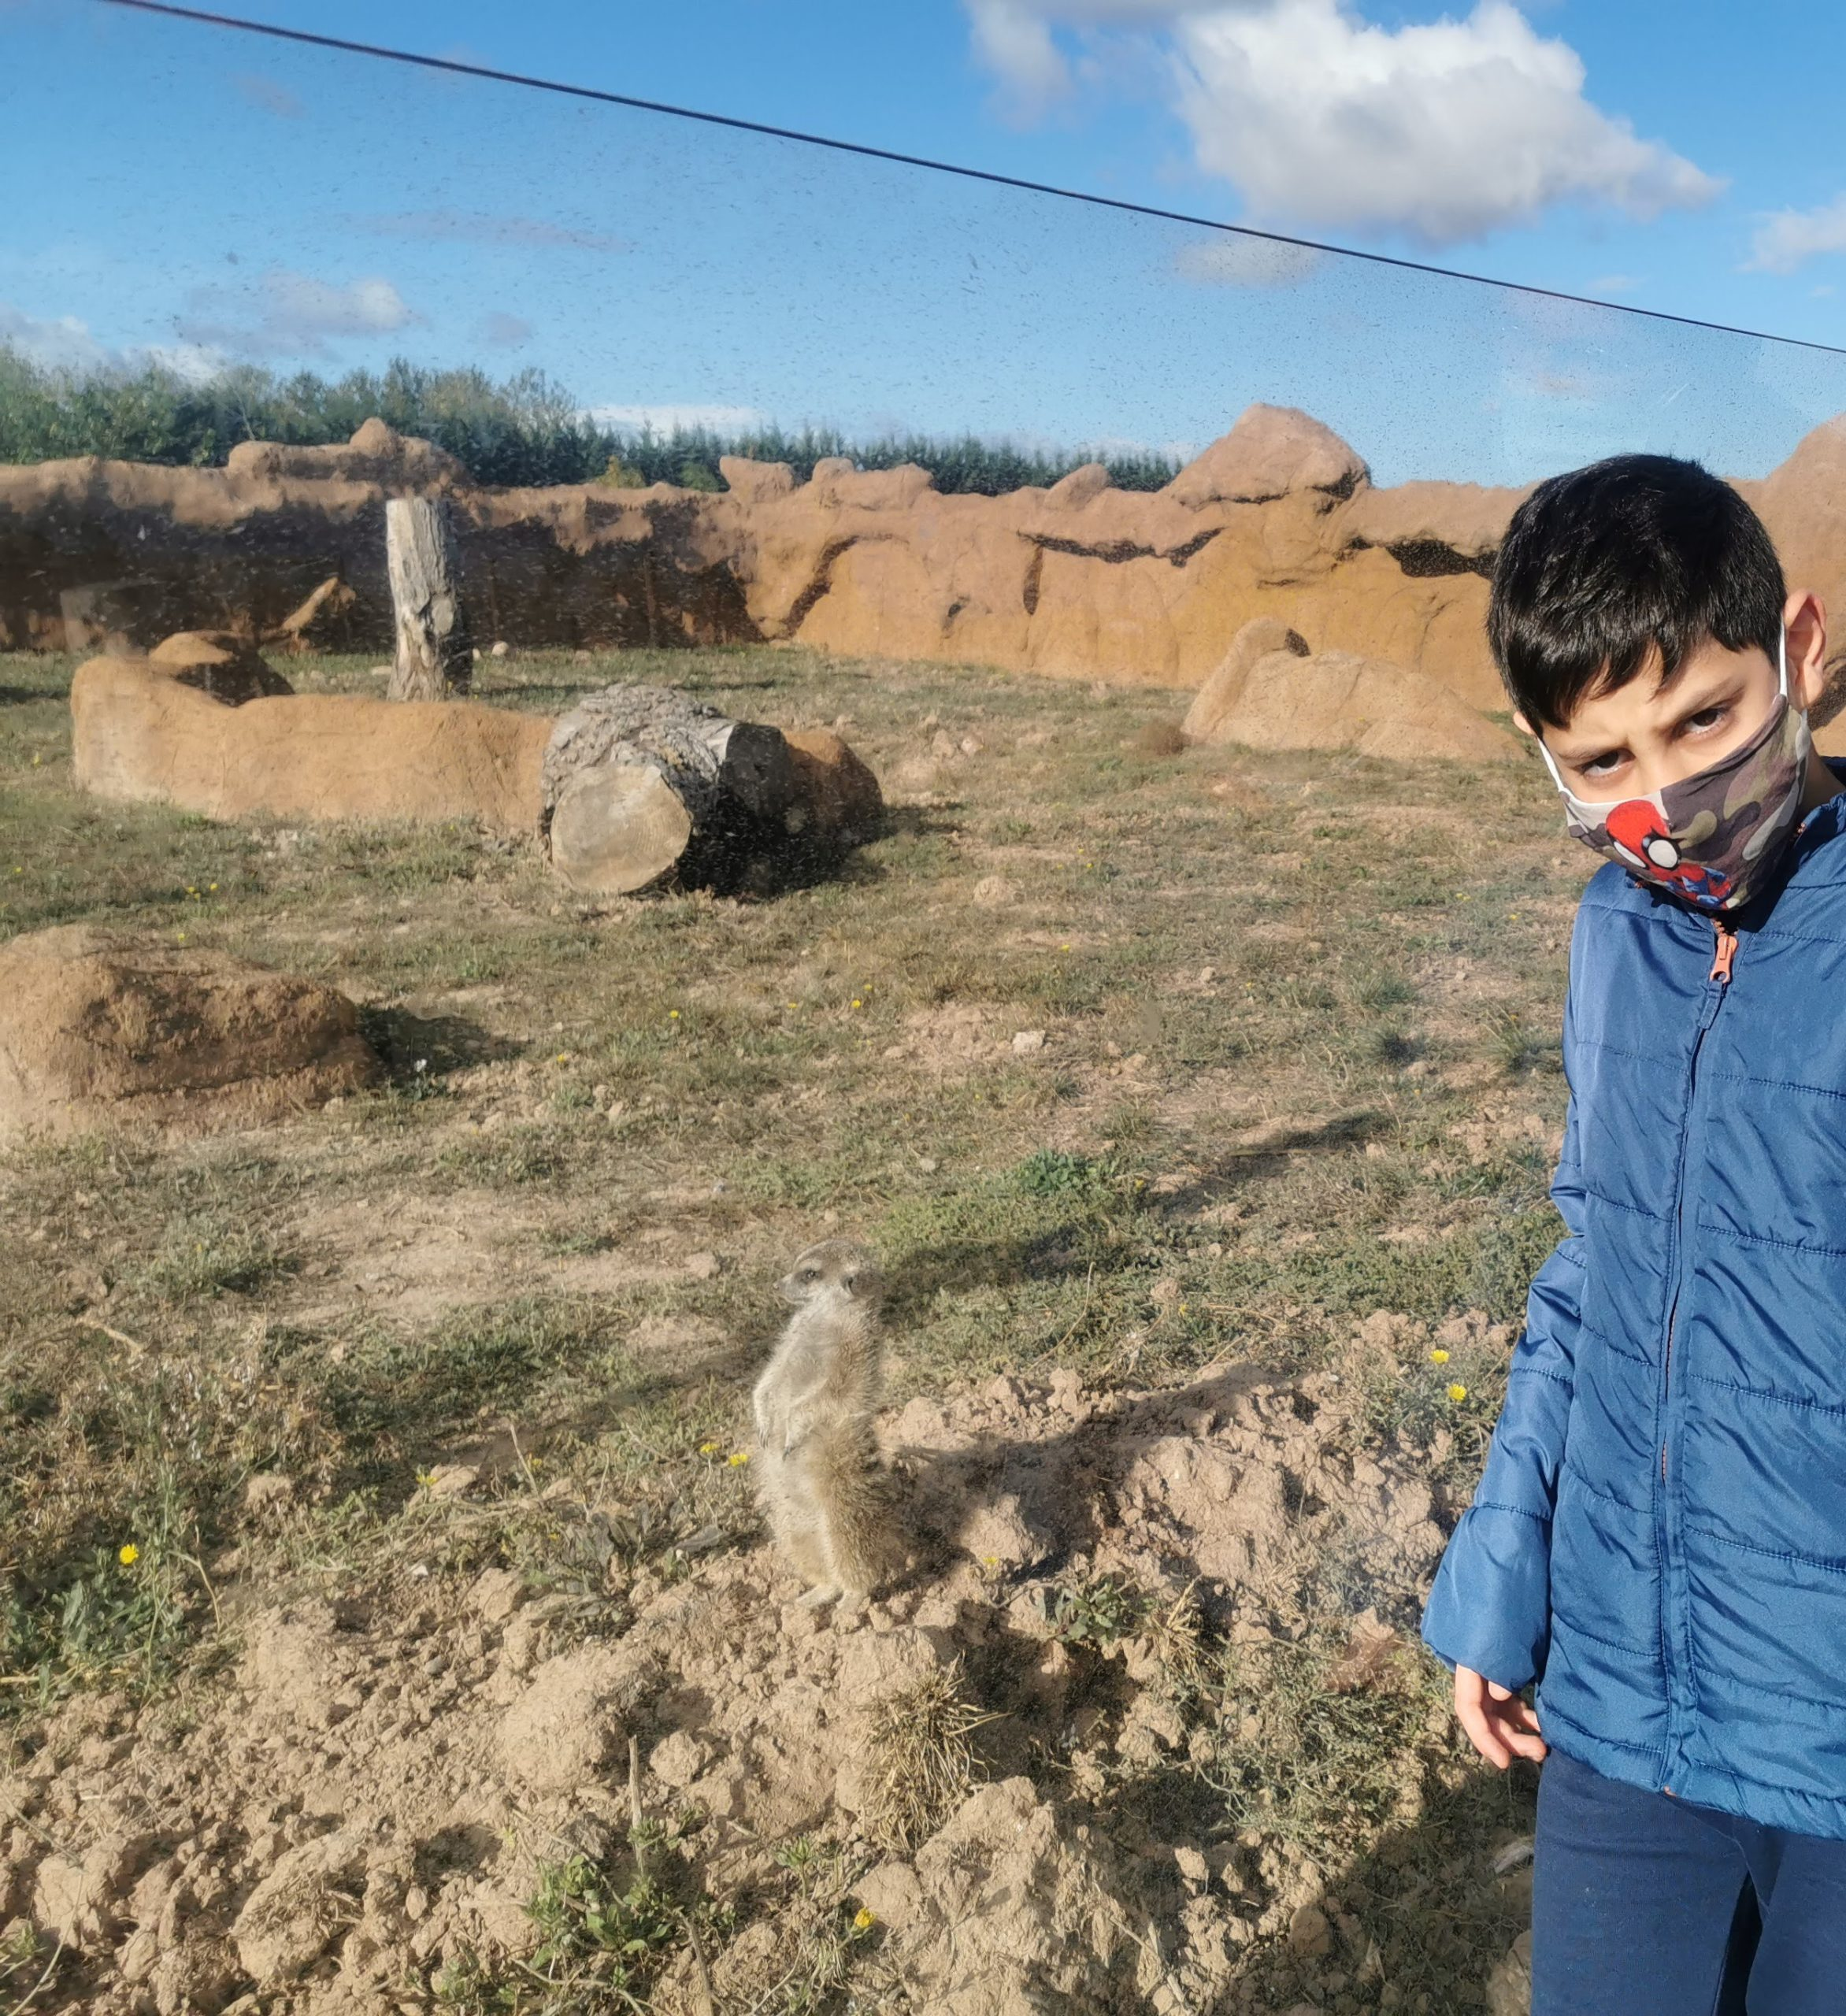 COLEGIOS, LA DIVERSIÓN MÁS SEGURA EN TIERRA RAPAZ